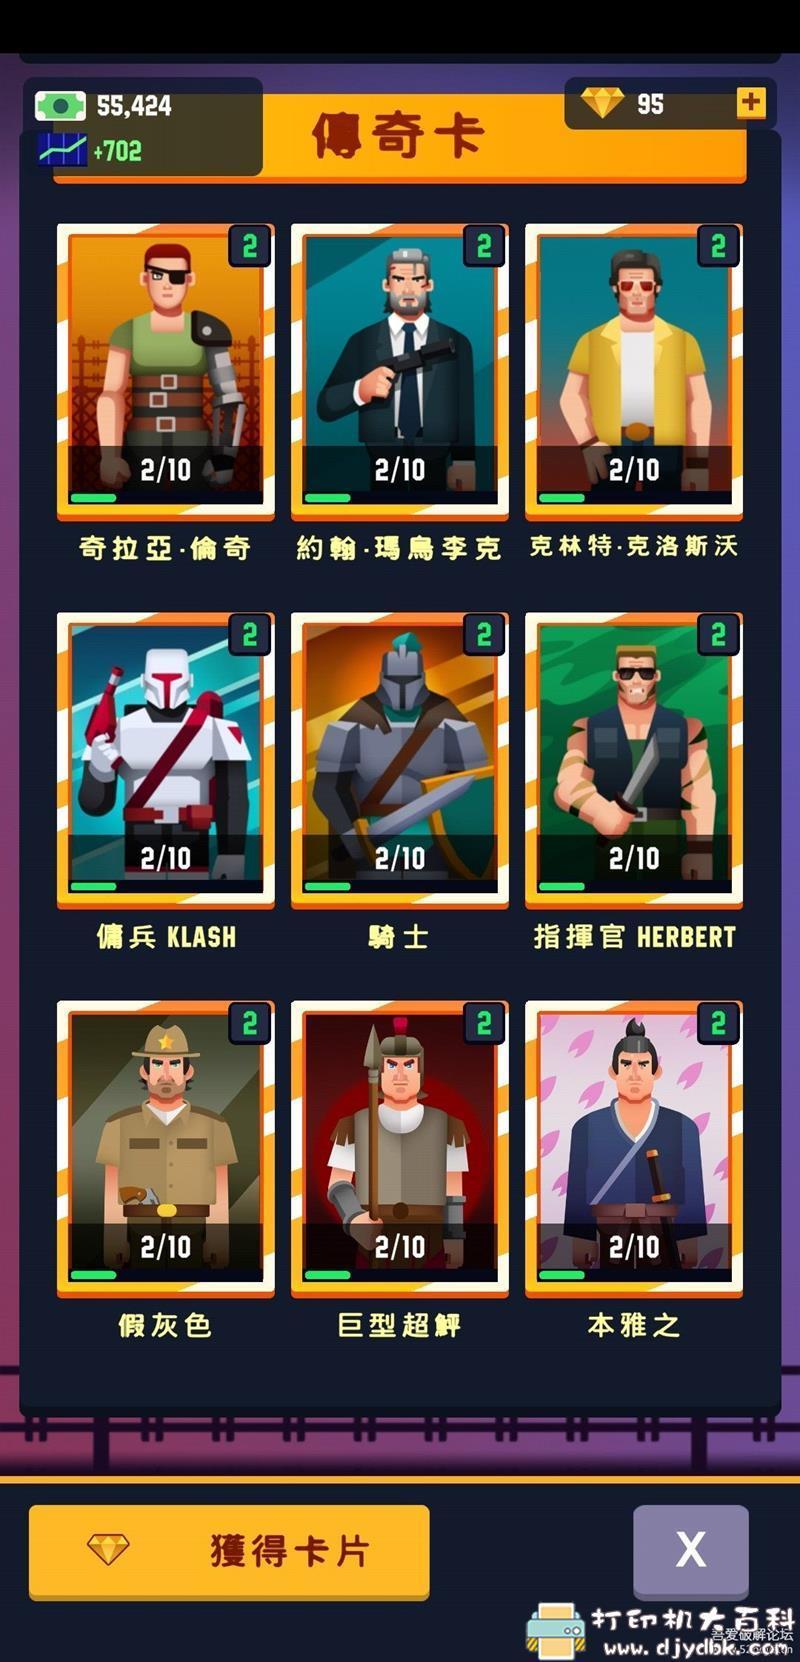 安卓游戏分享:【模拟经营】监狱帝国大亨 2.2.0 中文版 Prison Empire Tycoon 无限钞票/钻石 配图 No.4